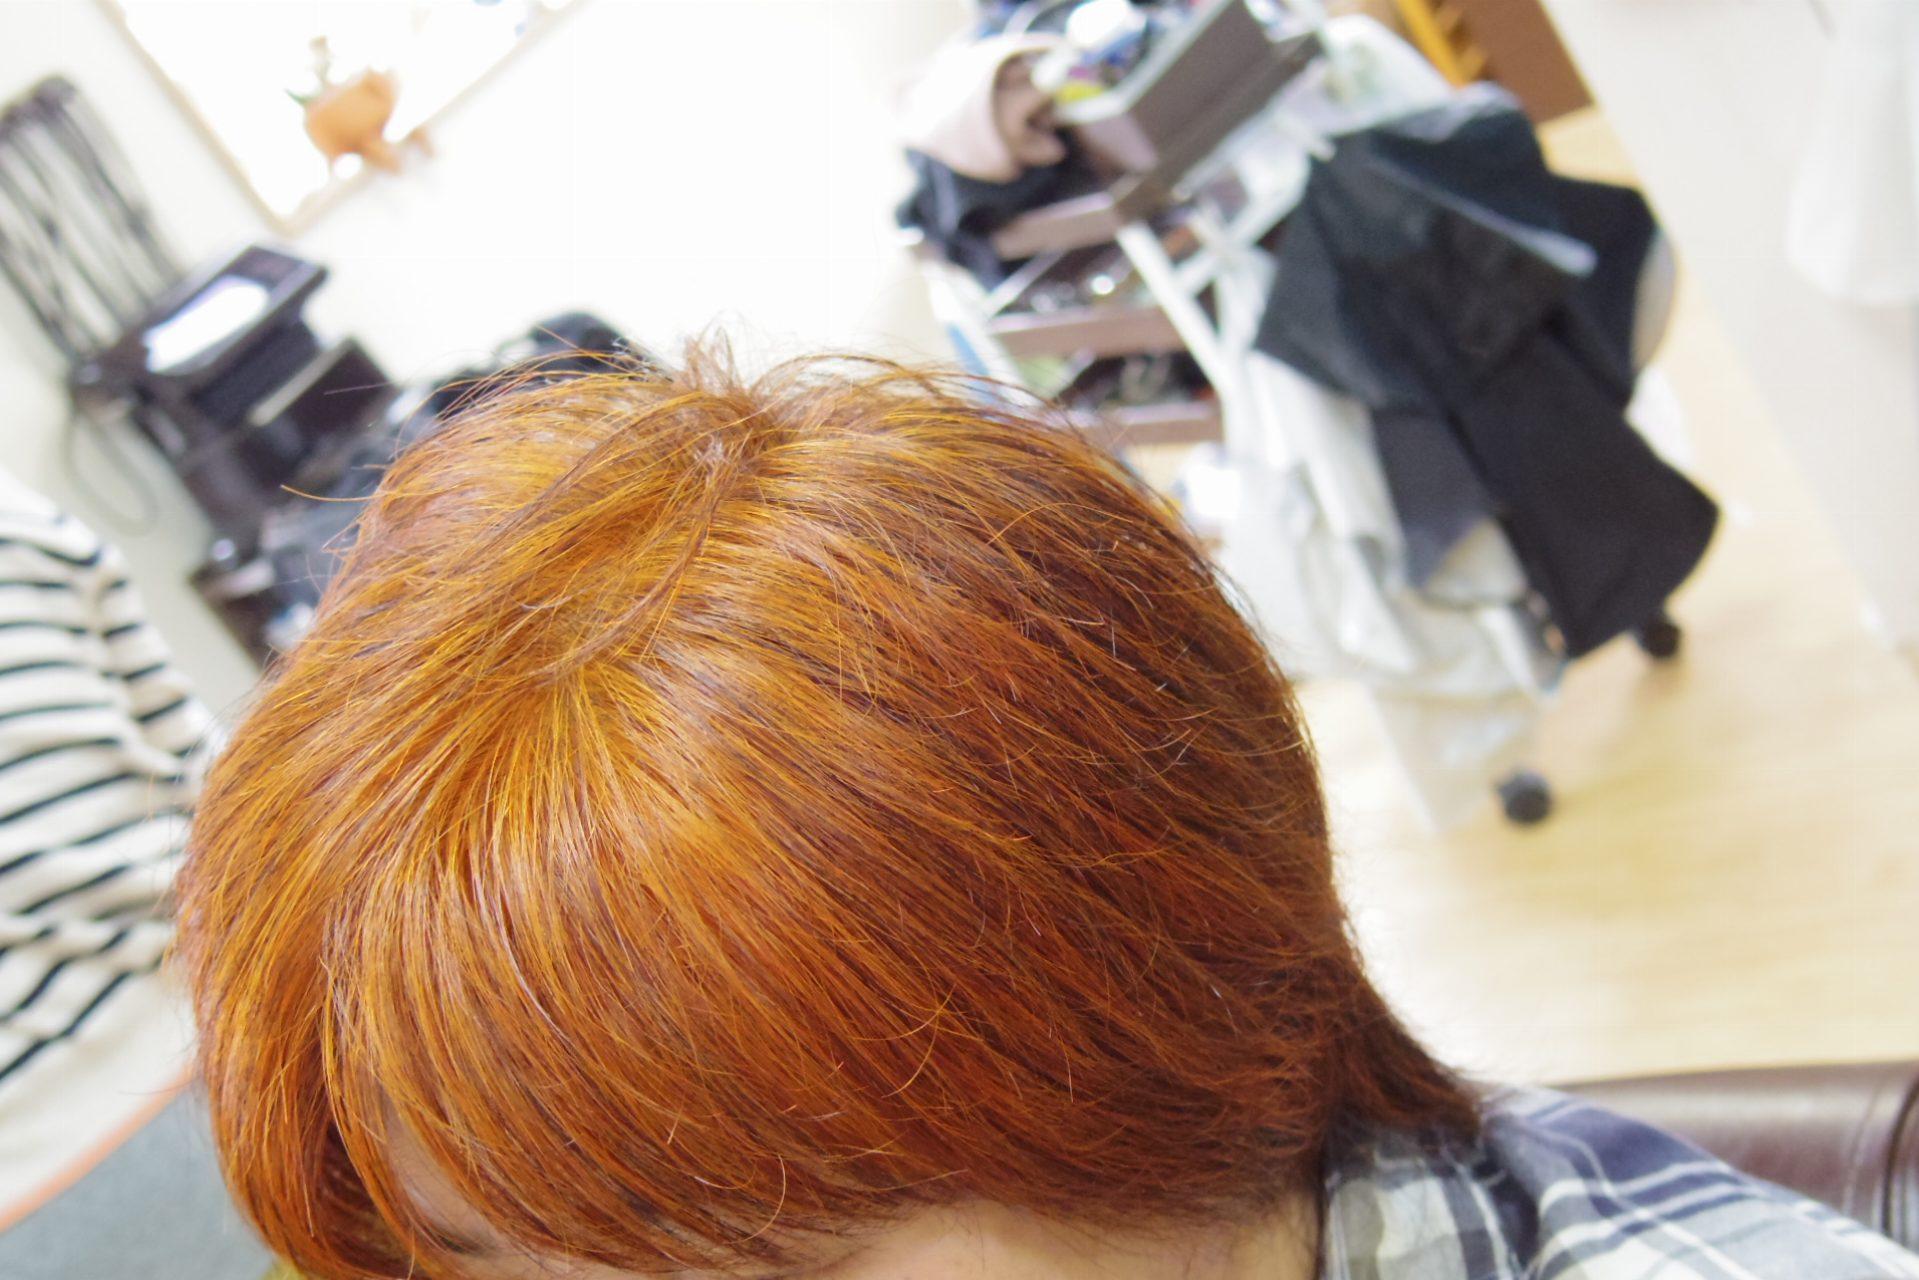 白髪率ほぼ100%でヘナナチュラルで染めた髪色